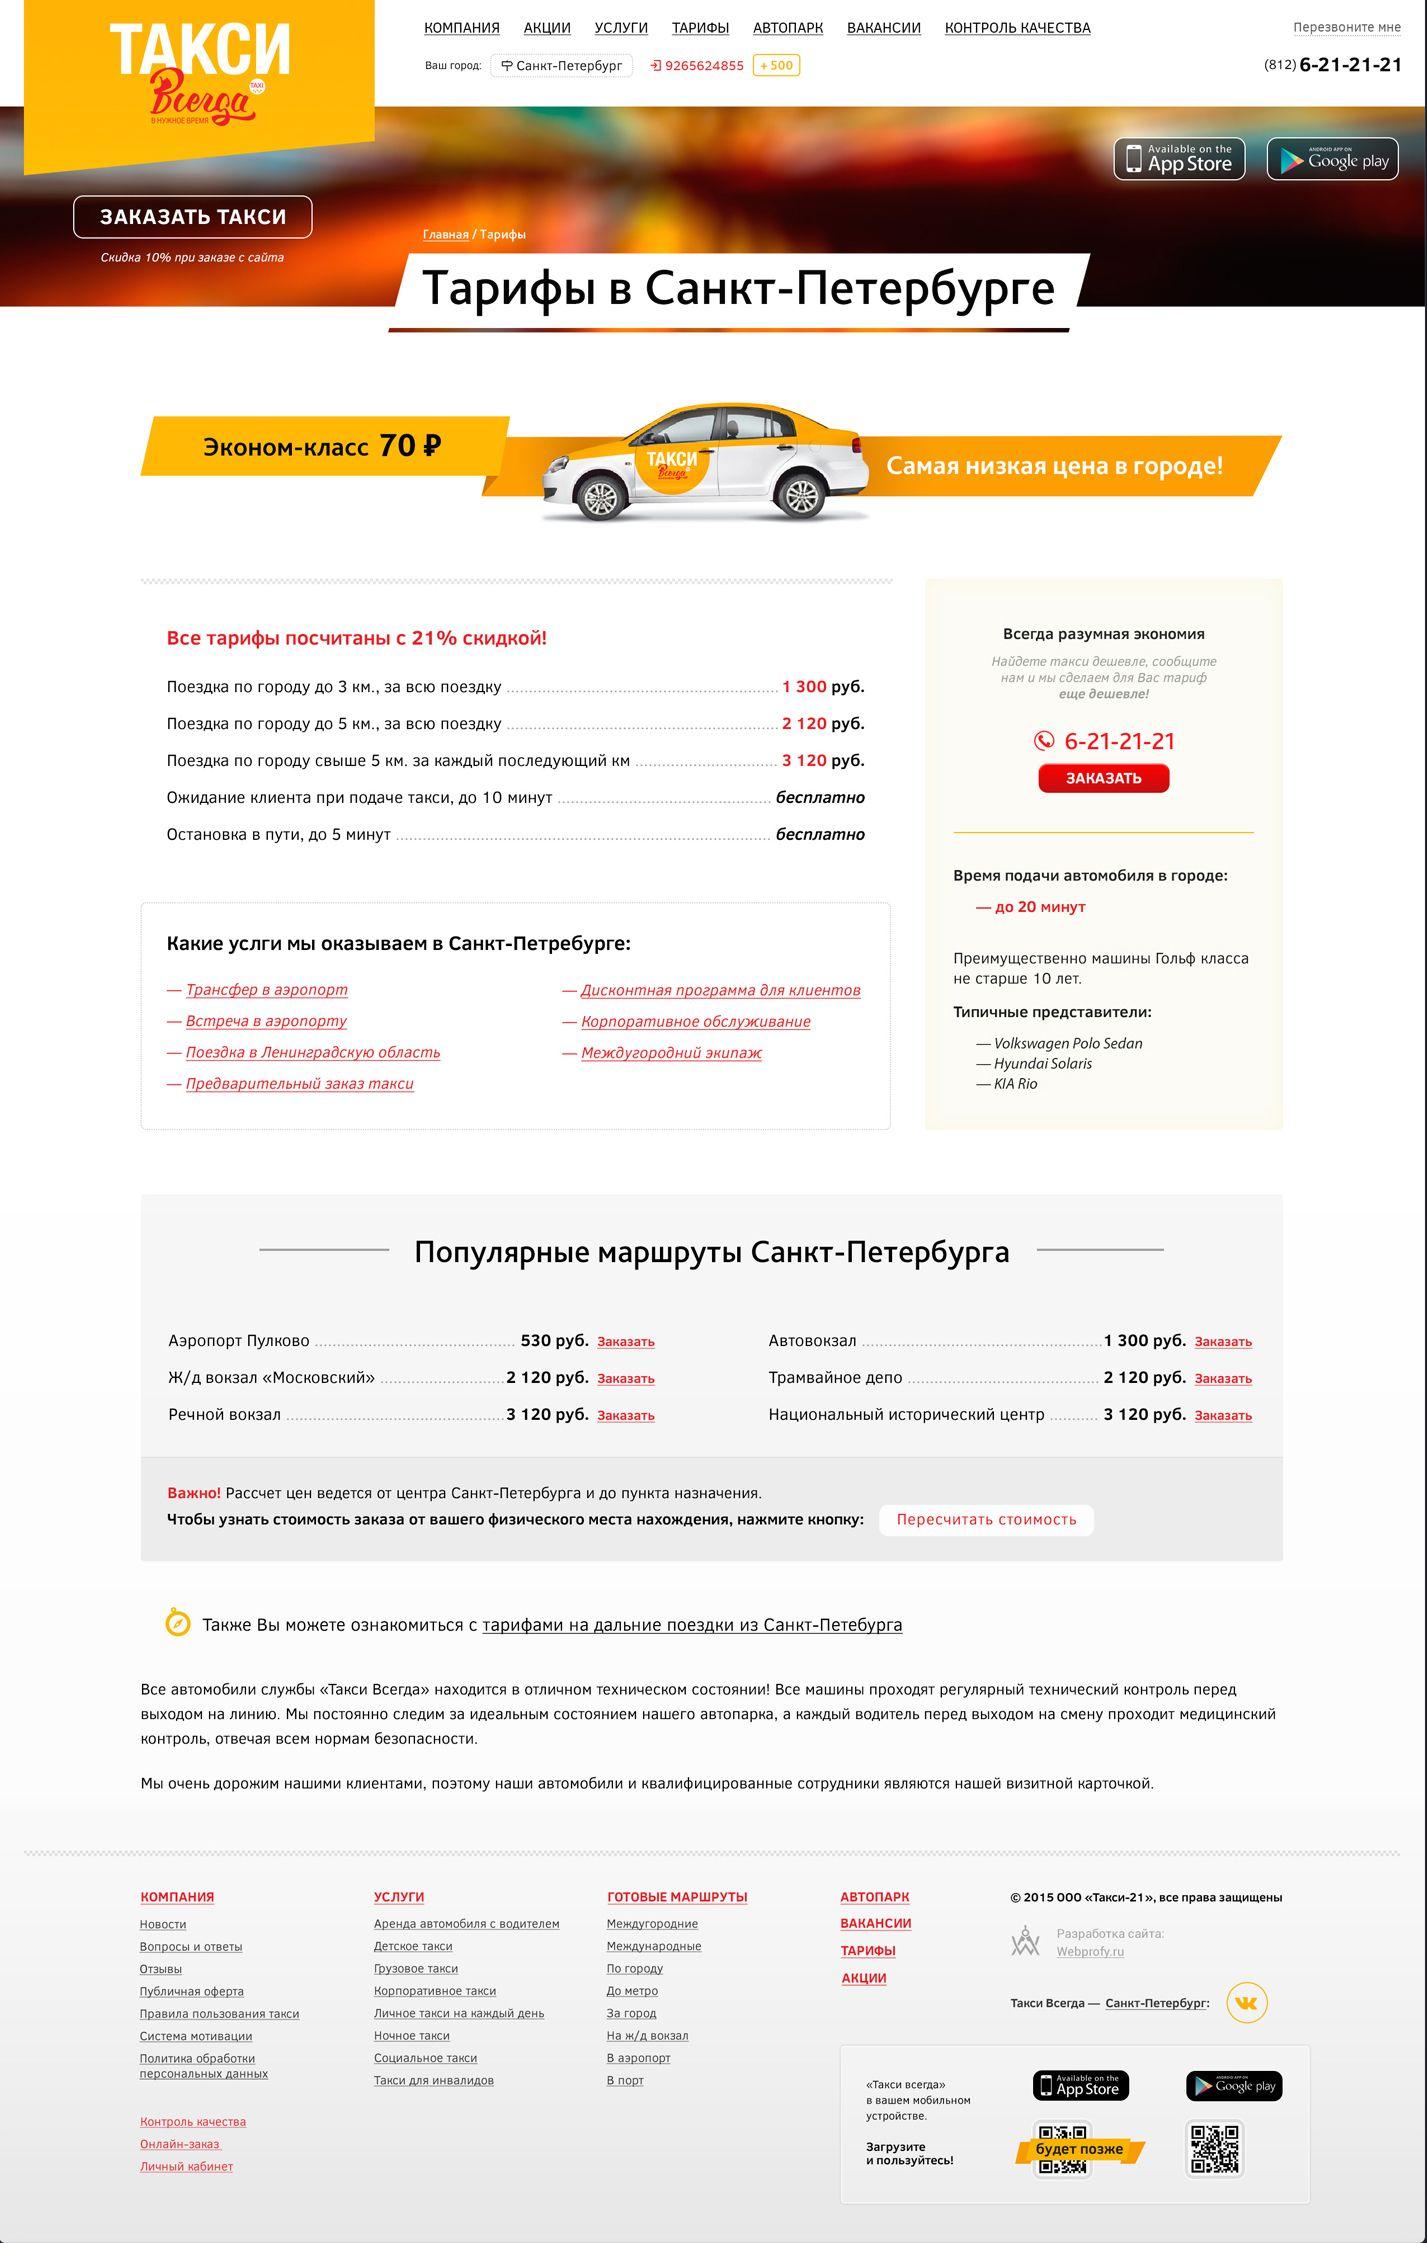 Такси Москва 24 это самое дешевое такси в Москве и МО